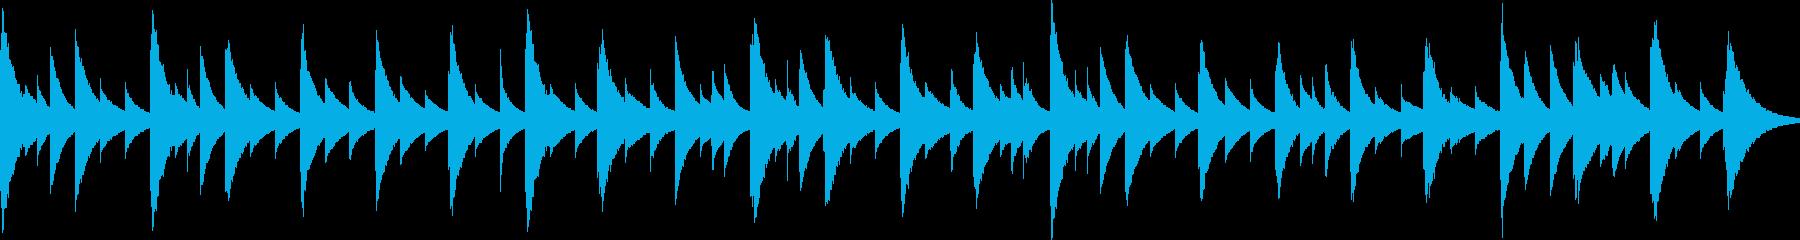 「きよしこの夜」のオルゴール独奏です。の再生済みの波形